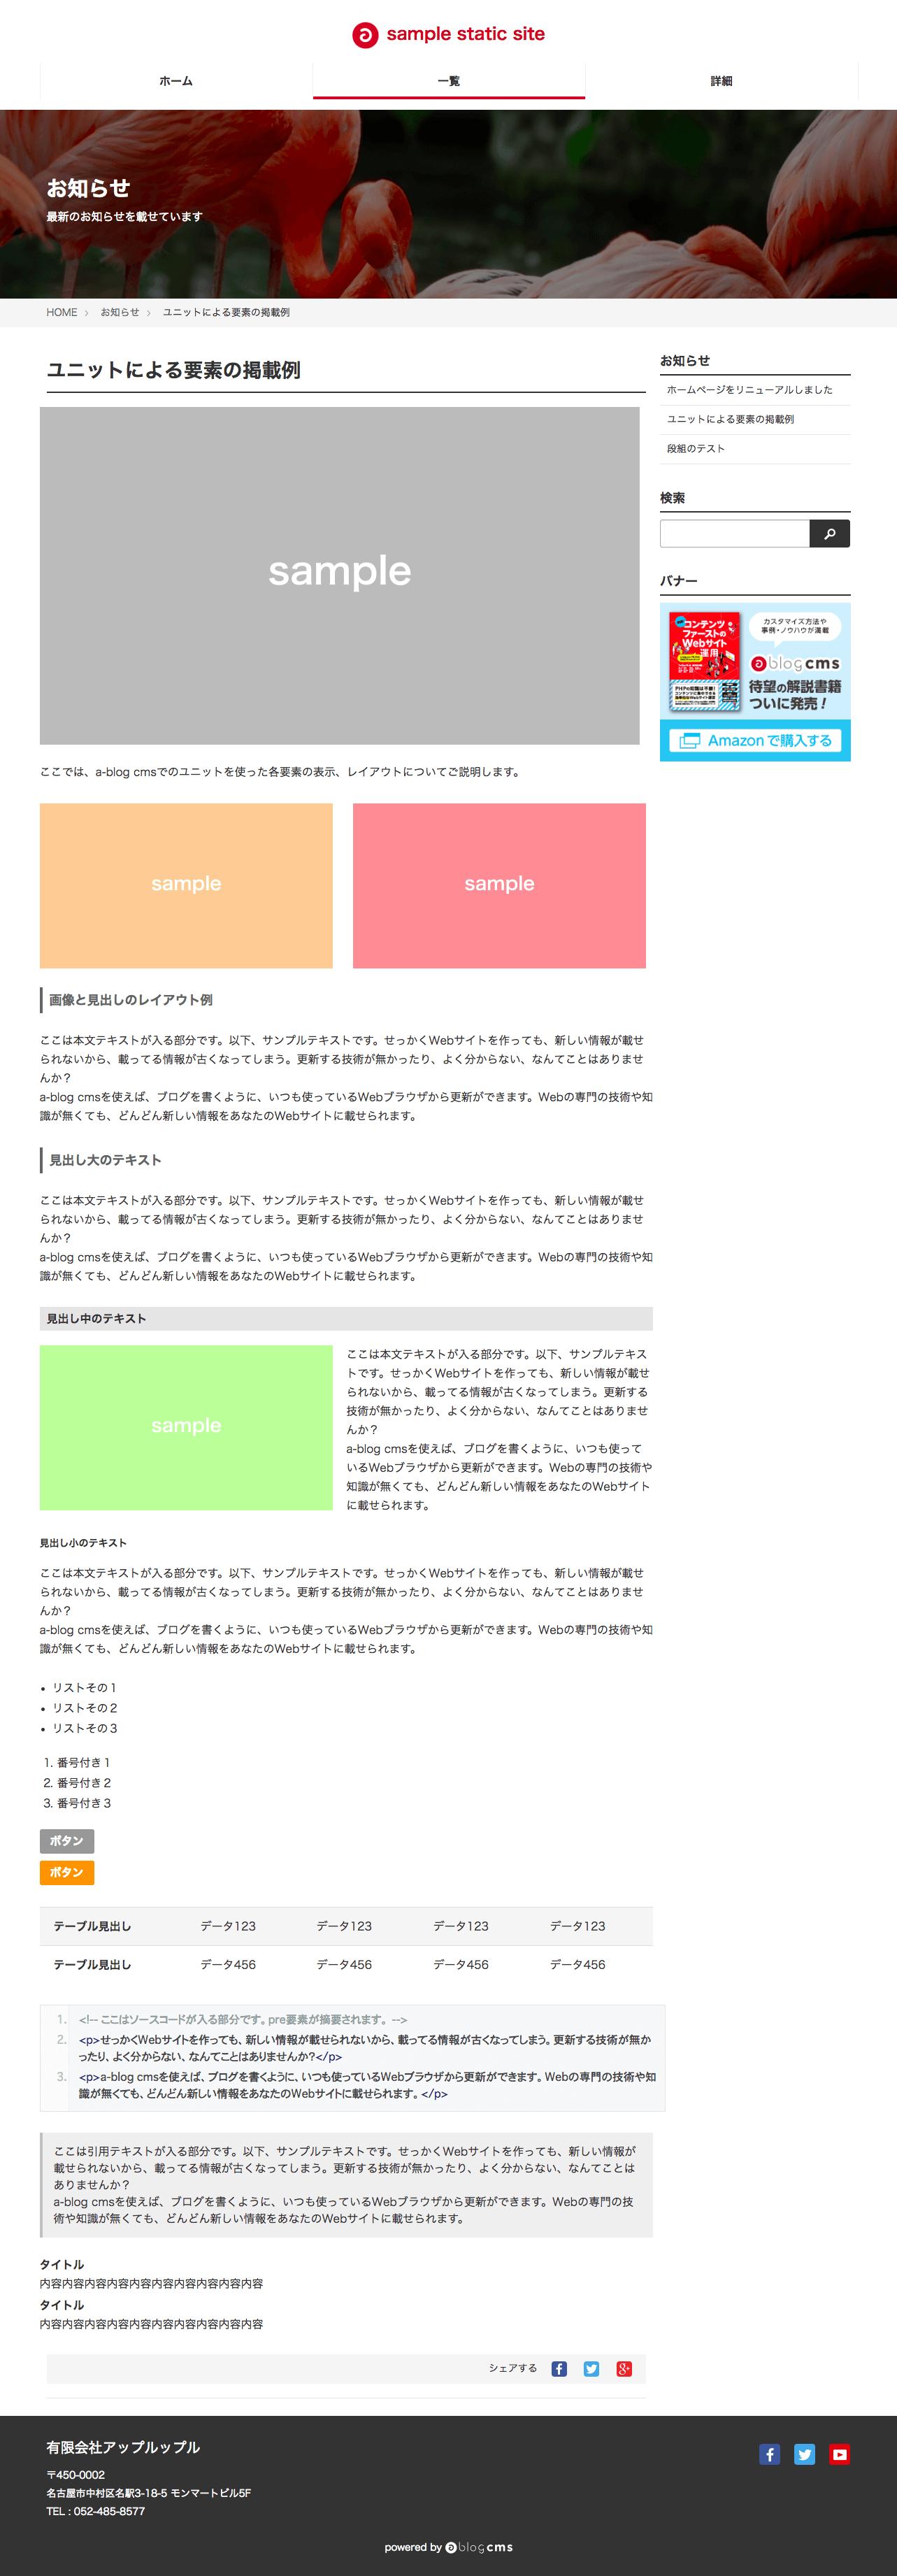 ユニットによる要素の掲載例